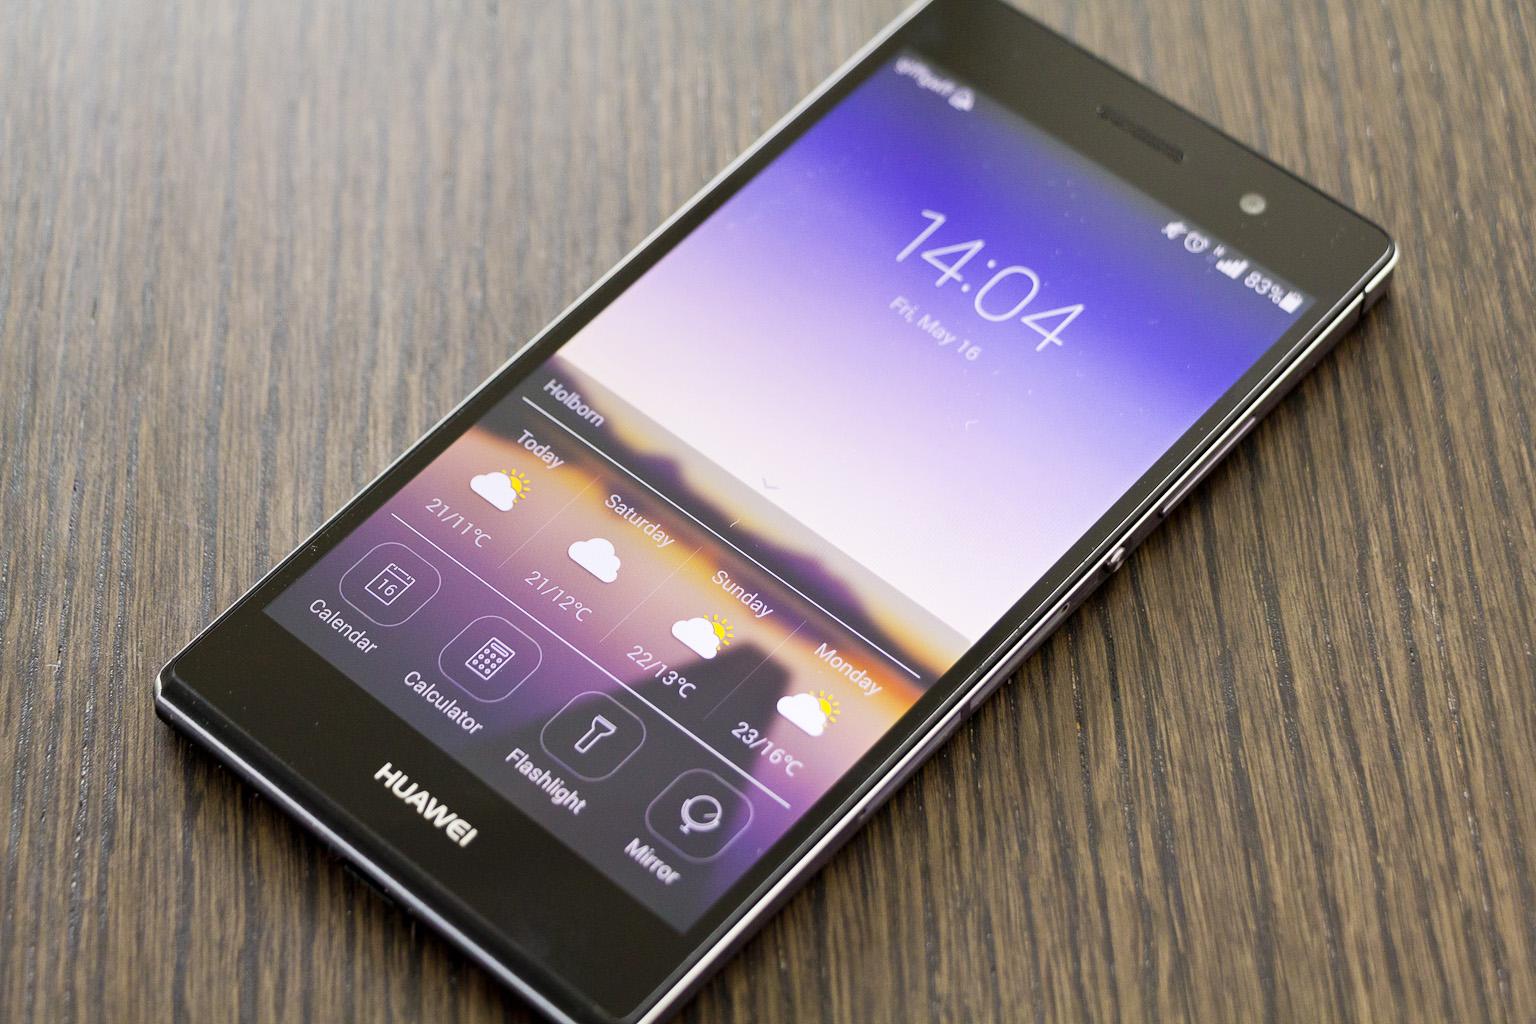 Data uscita smartphone huawei ascend p8 for Smartphone in uscita 2015